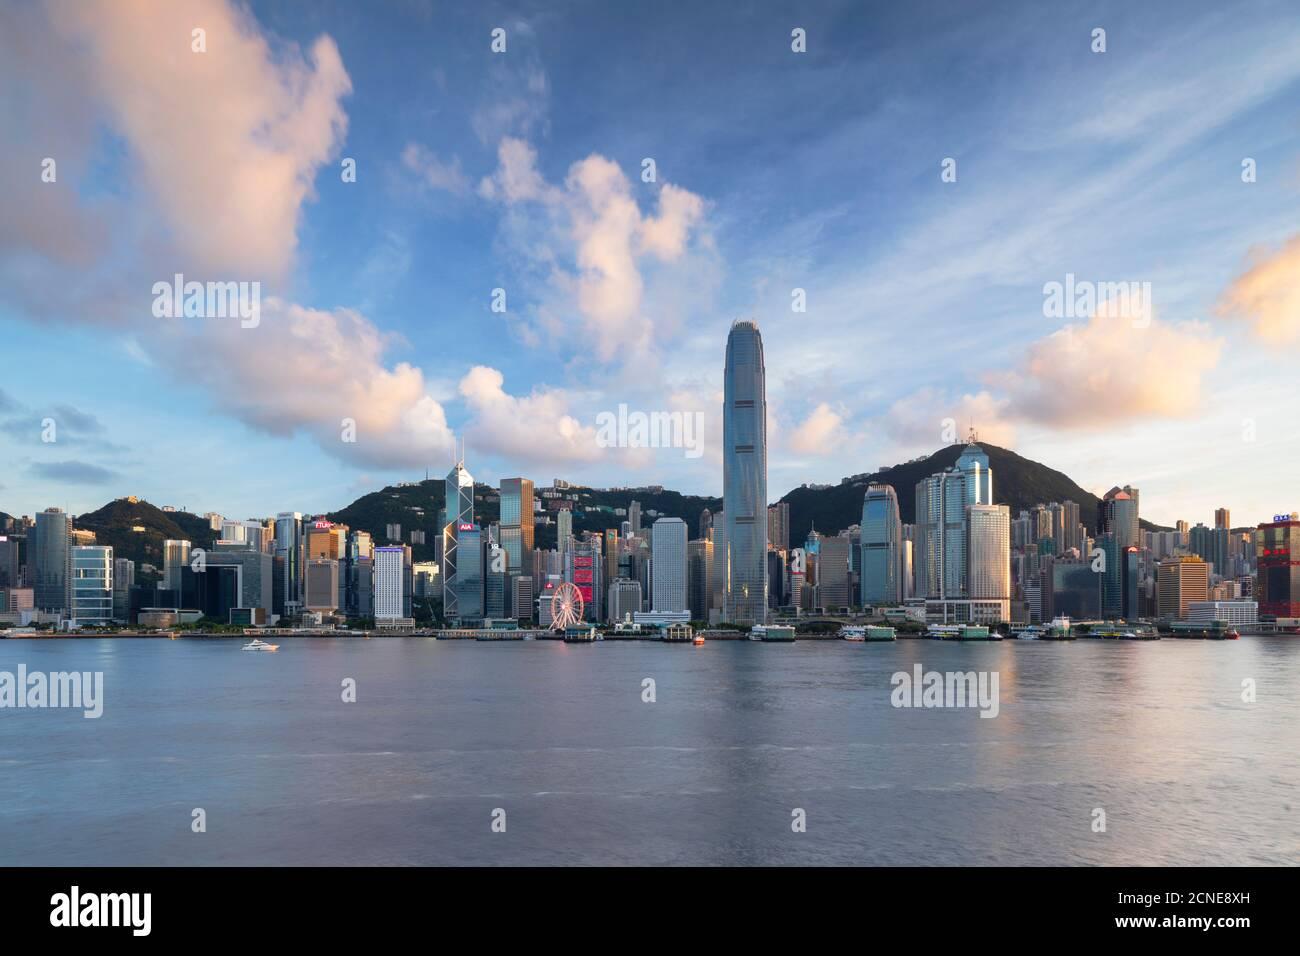 Skyline of Hong Kong Island, Hong Kong, China, Asia Stock Photo